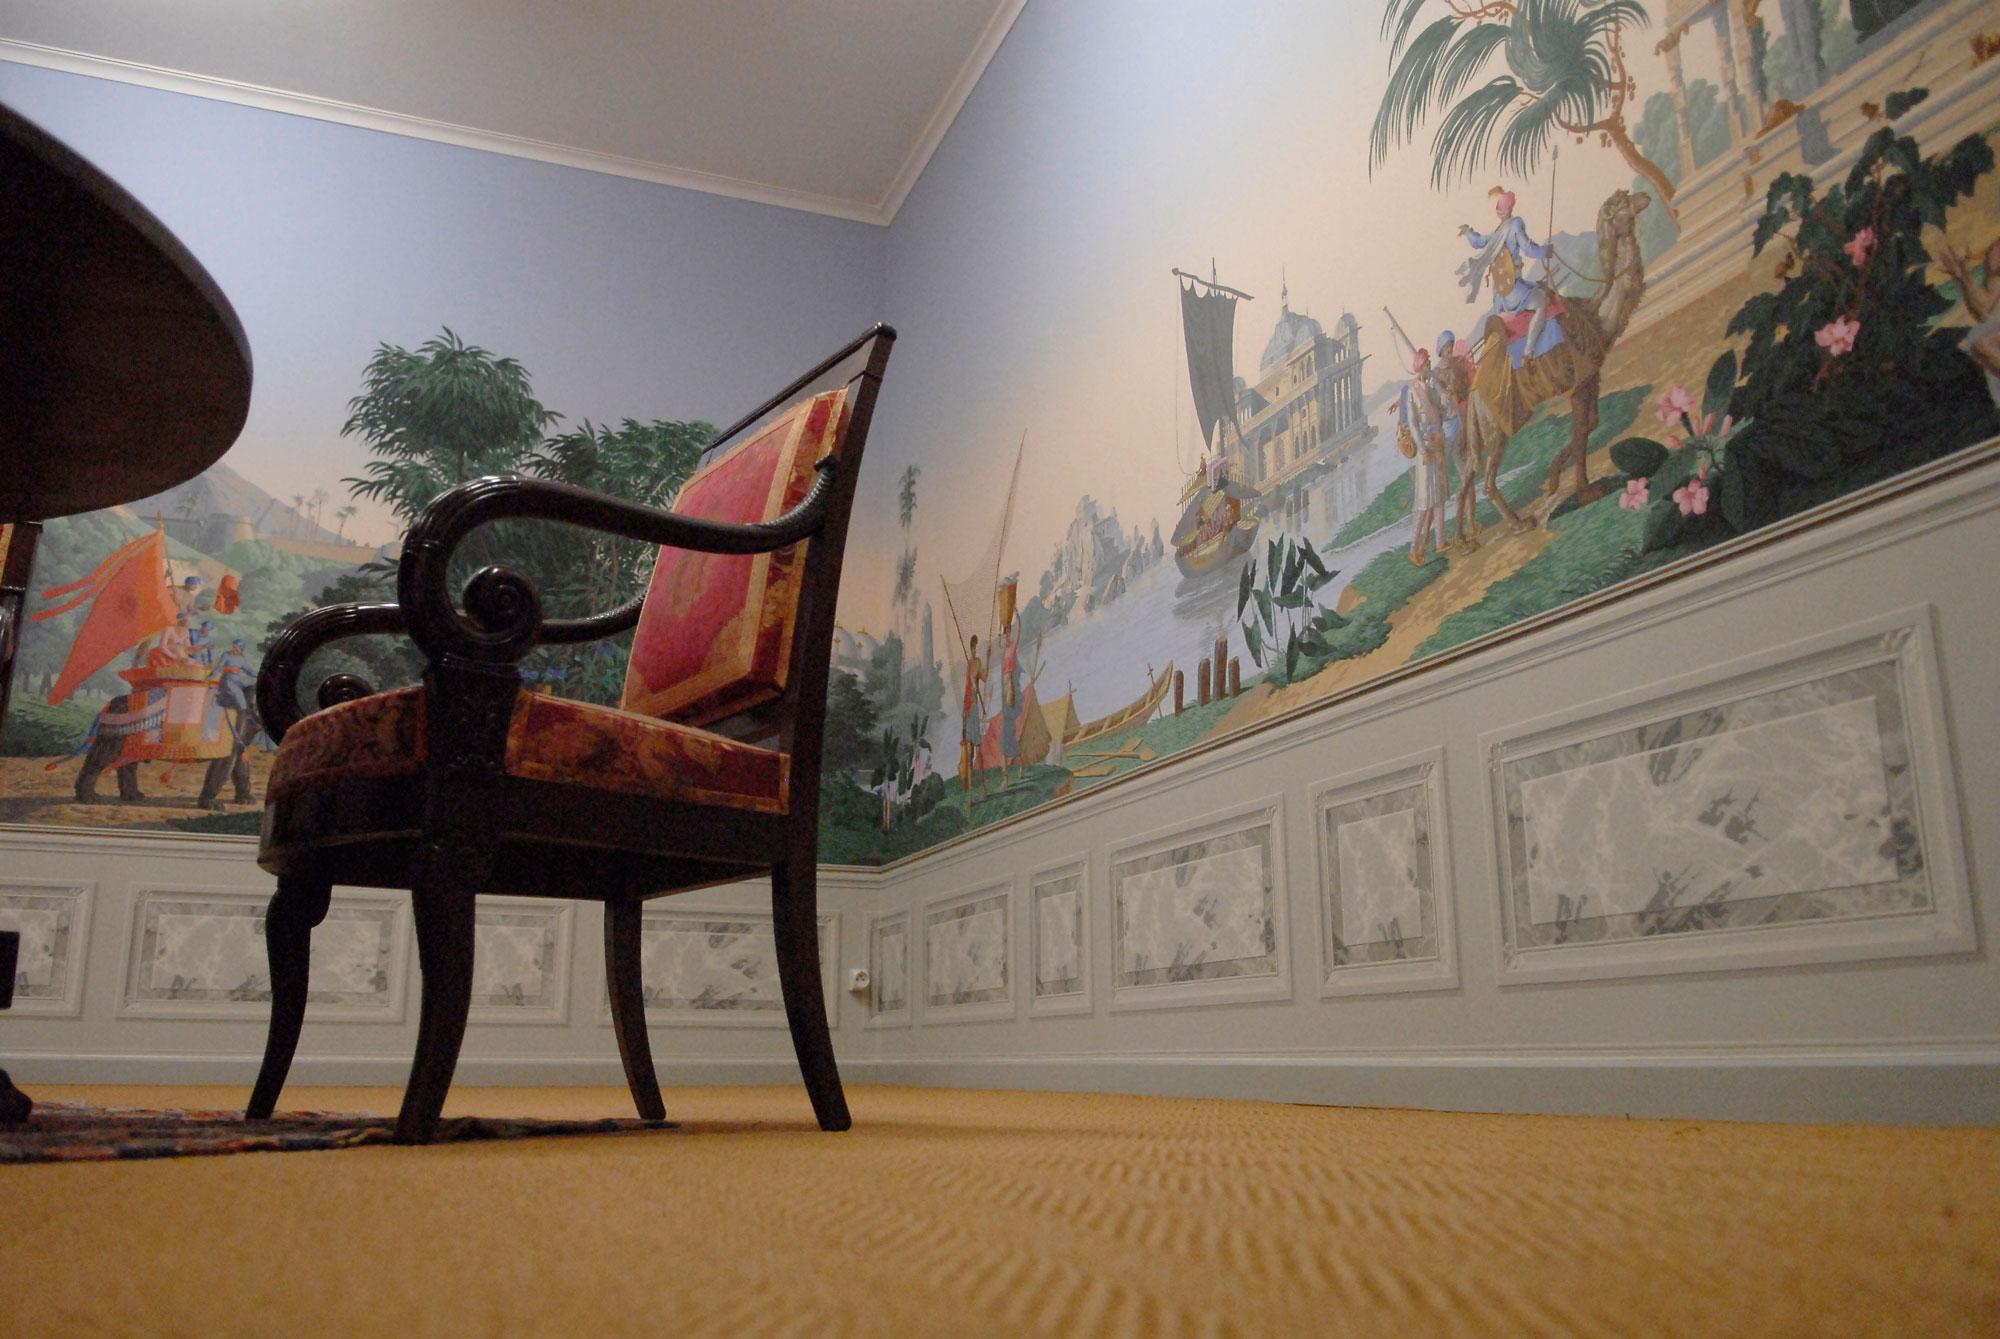 parcours permanent mus e du papier peint rixheim france. Black Bedroom Furniture Sets. Home Design Ideas